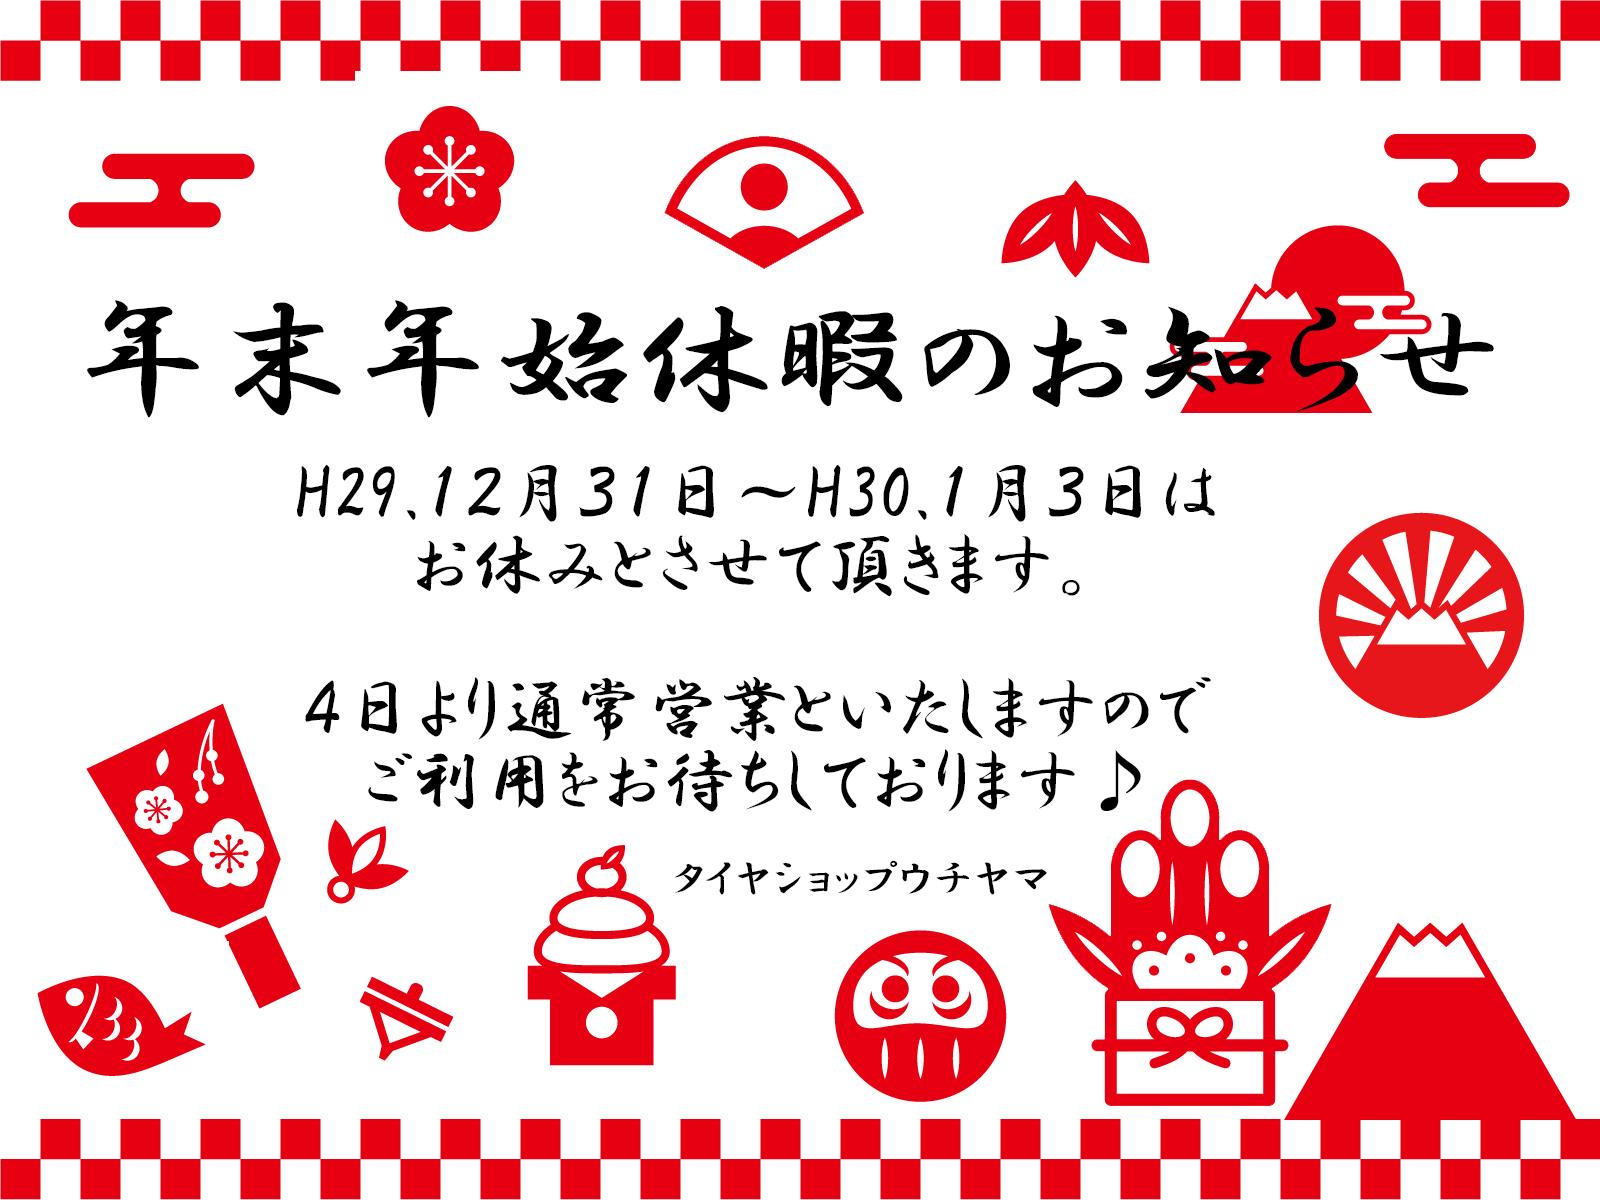 年末年始休暇のお知らせ 2017→2018